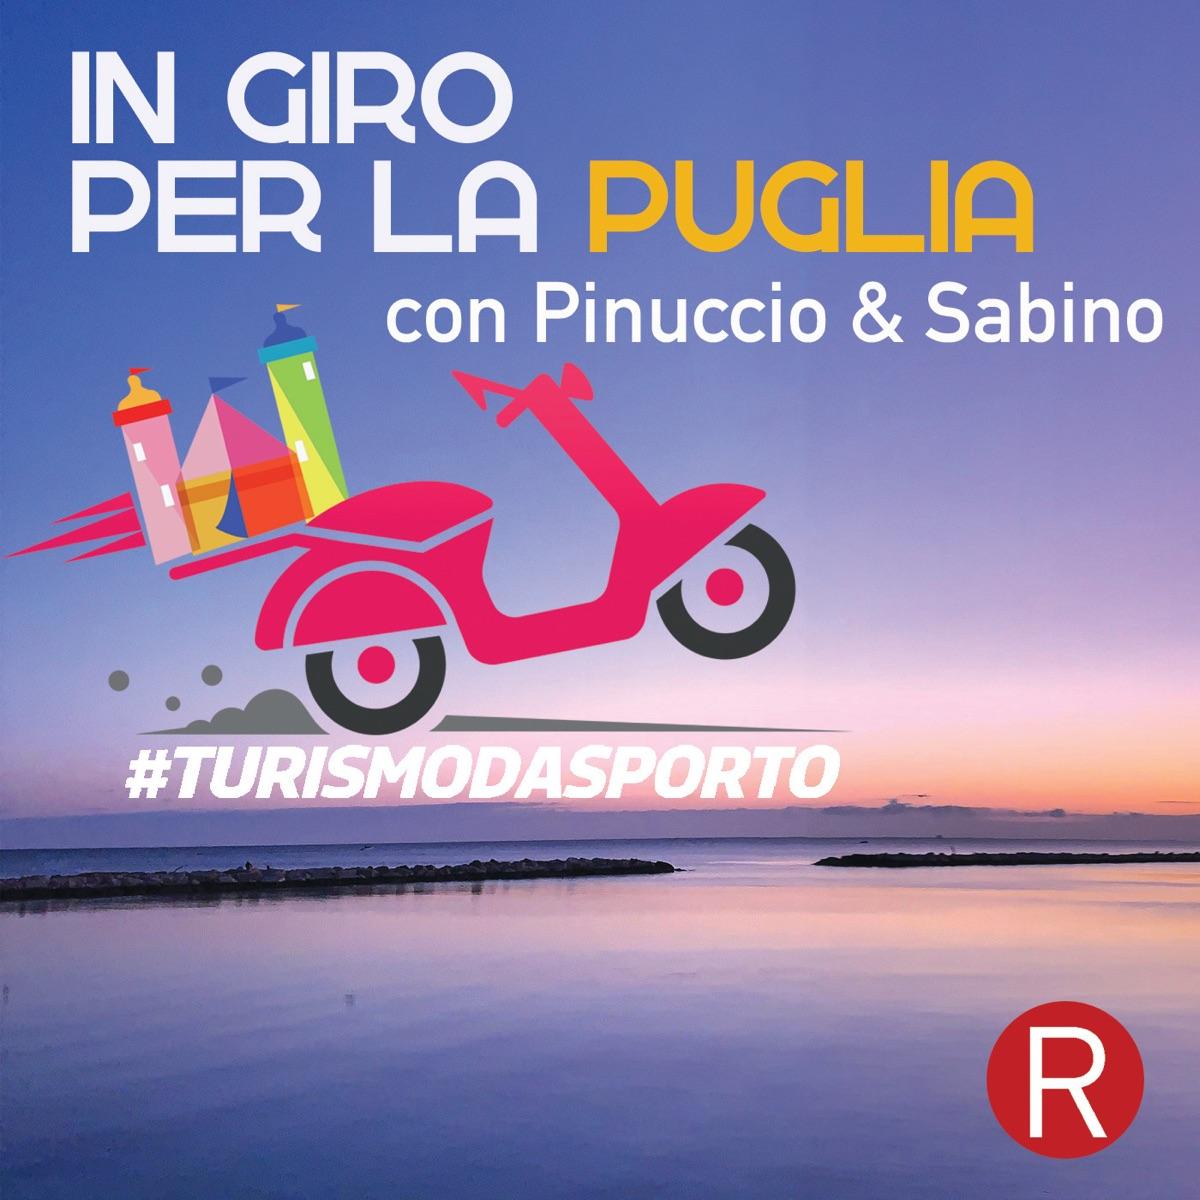 TURISMO D'ASPORTO - In giro per la Puglia